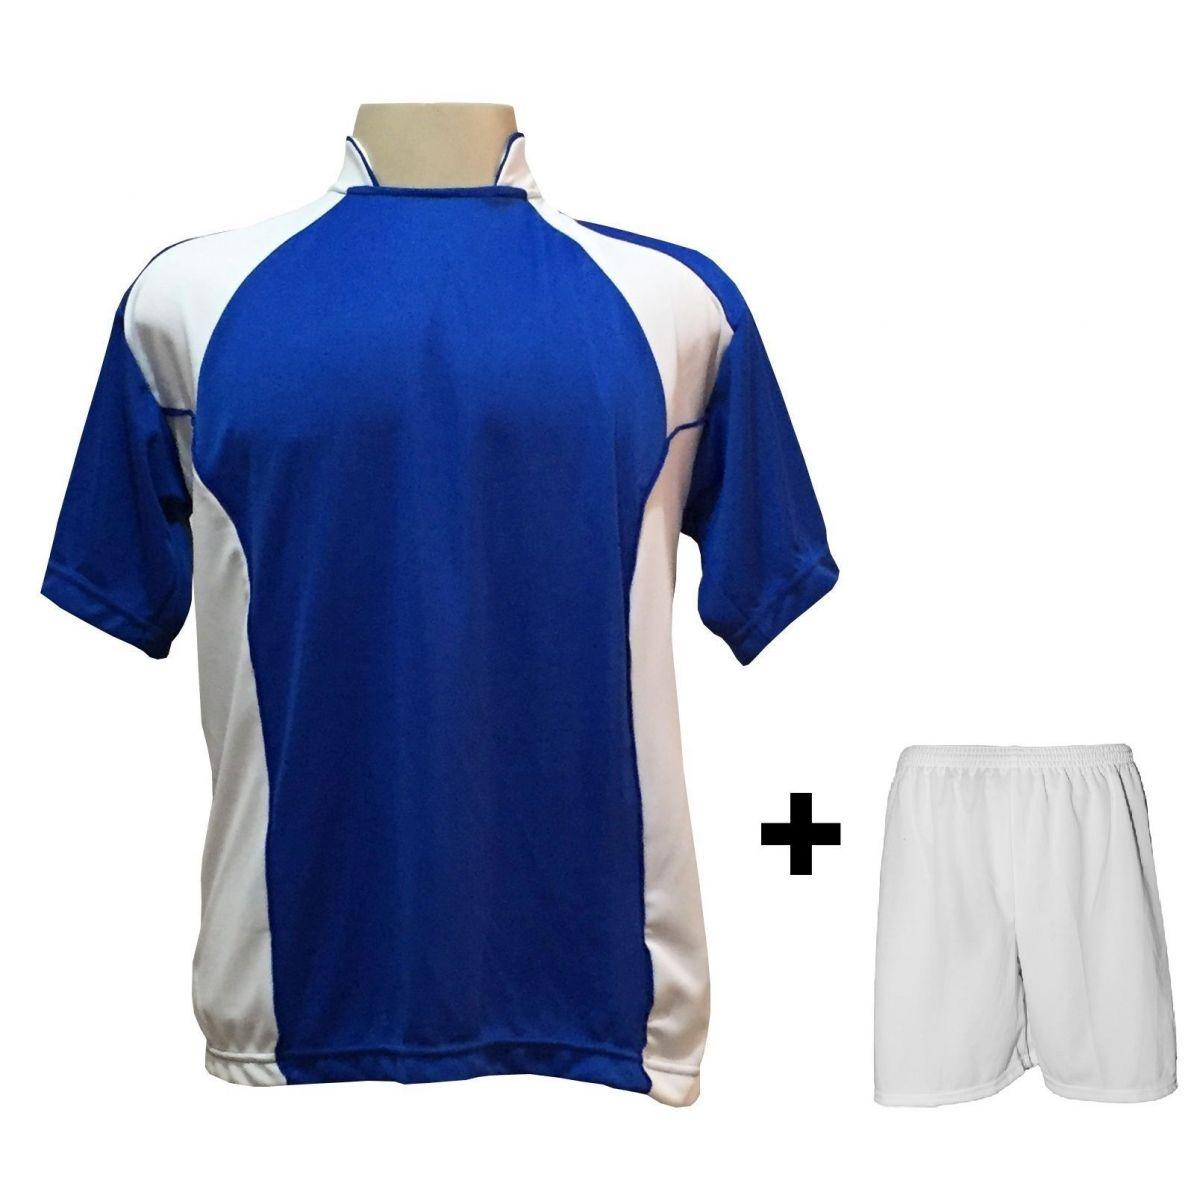 Uniforme Esportivo com 14 Camisas modelo Suécia Royal/Branco + 14 Calções modelo Madrid Branco + Brindes